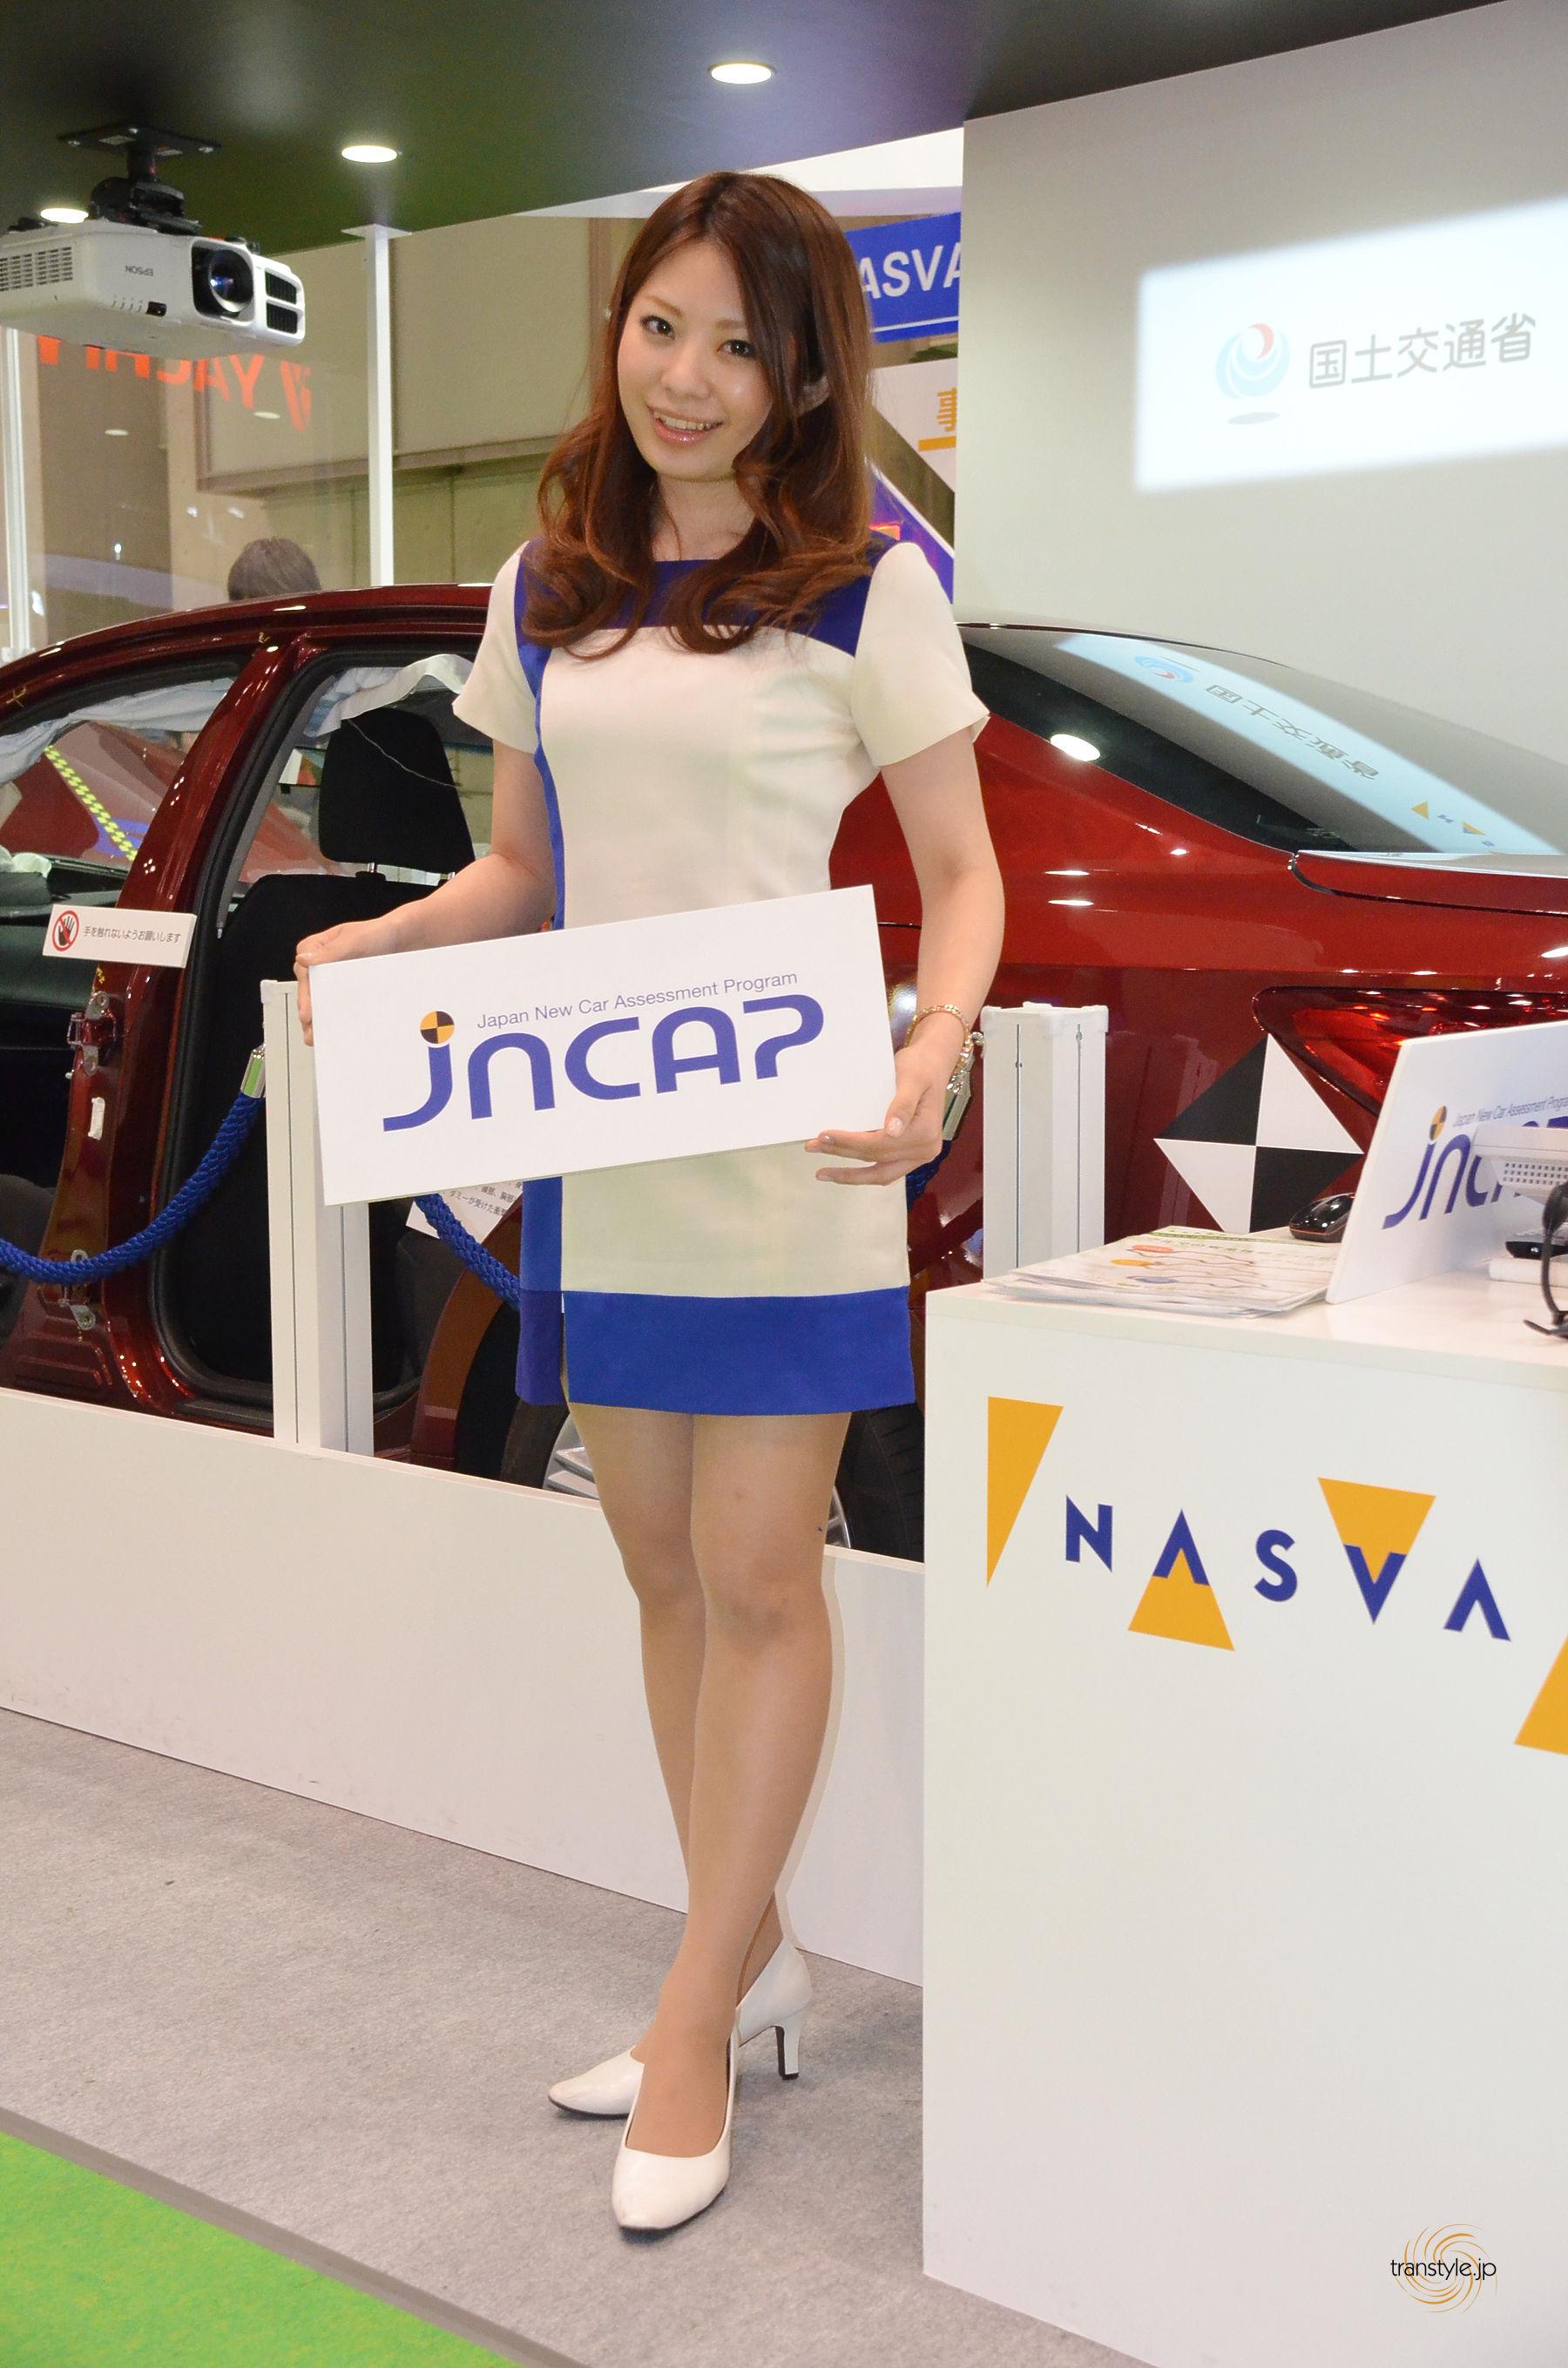 NASVA 自動車事故対策機構(NASVA)